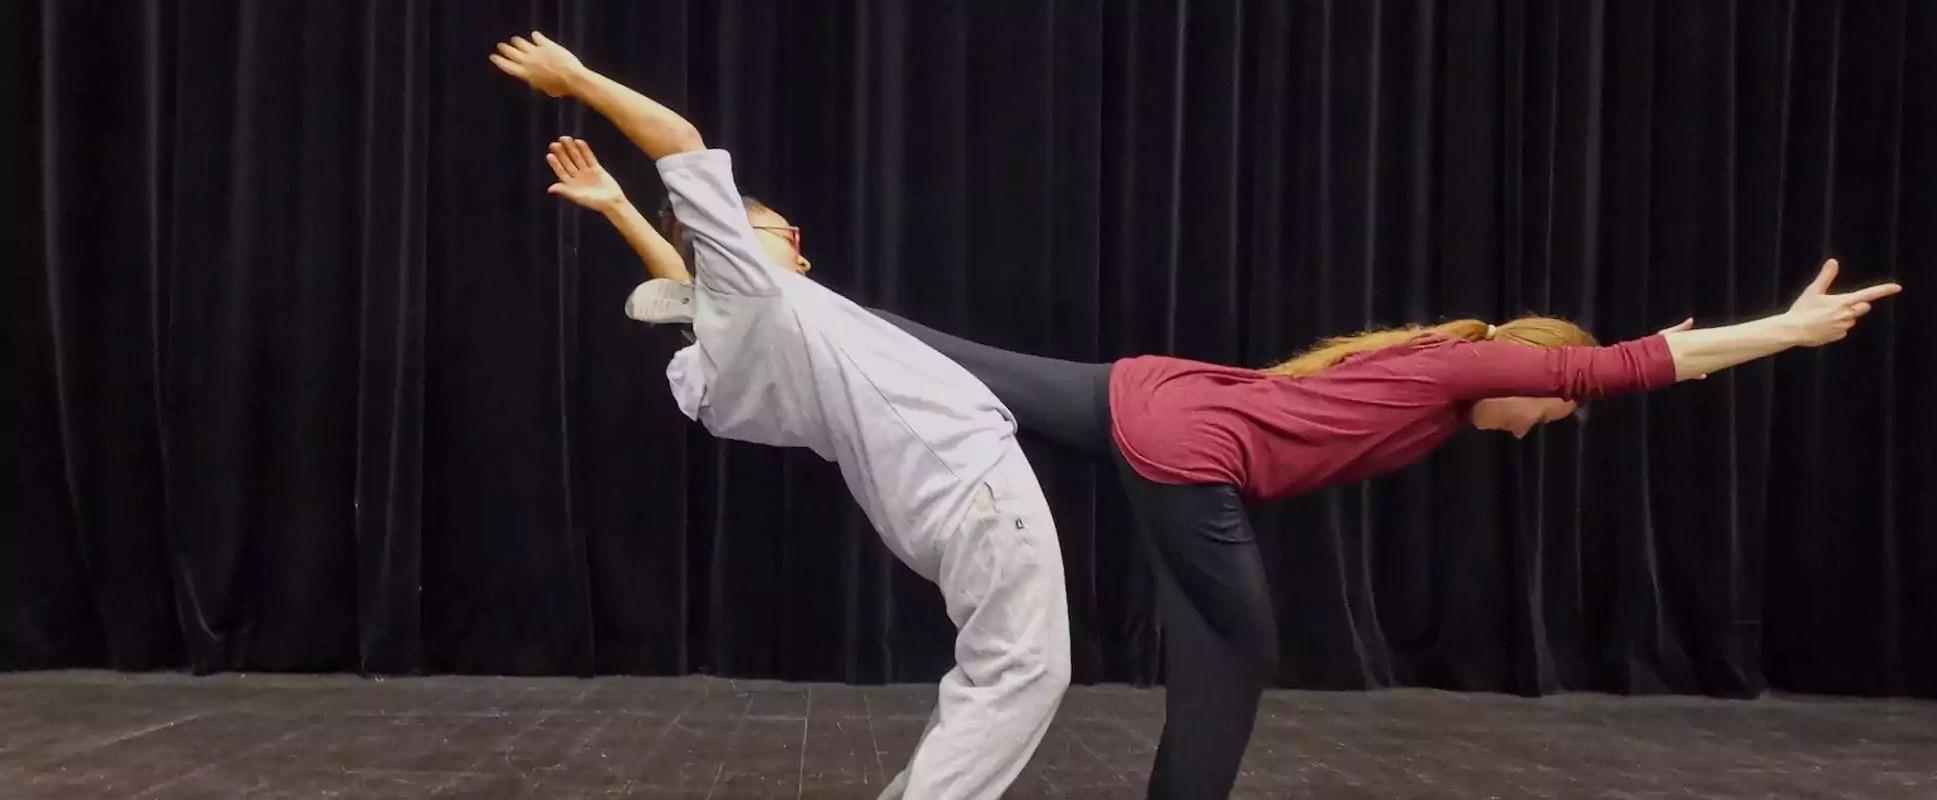 Les retrouvailles chorégraphiques et déconfinées de deux danseuses